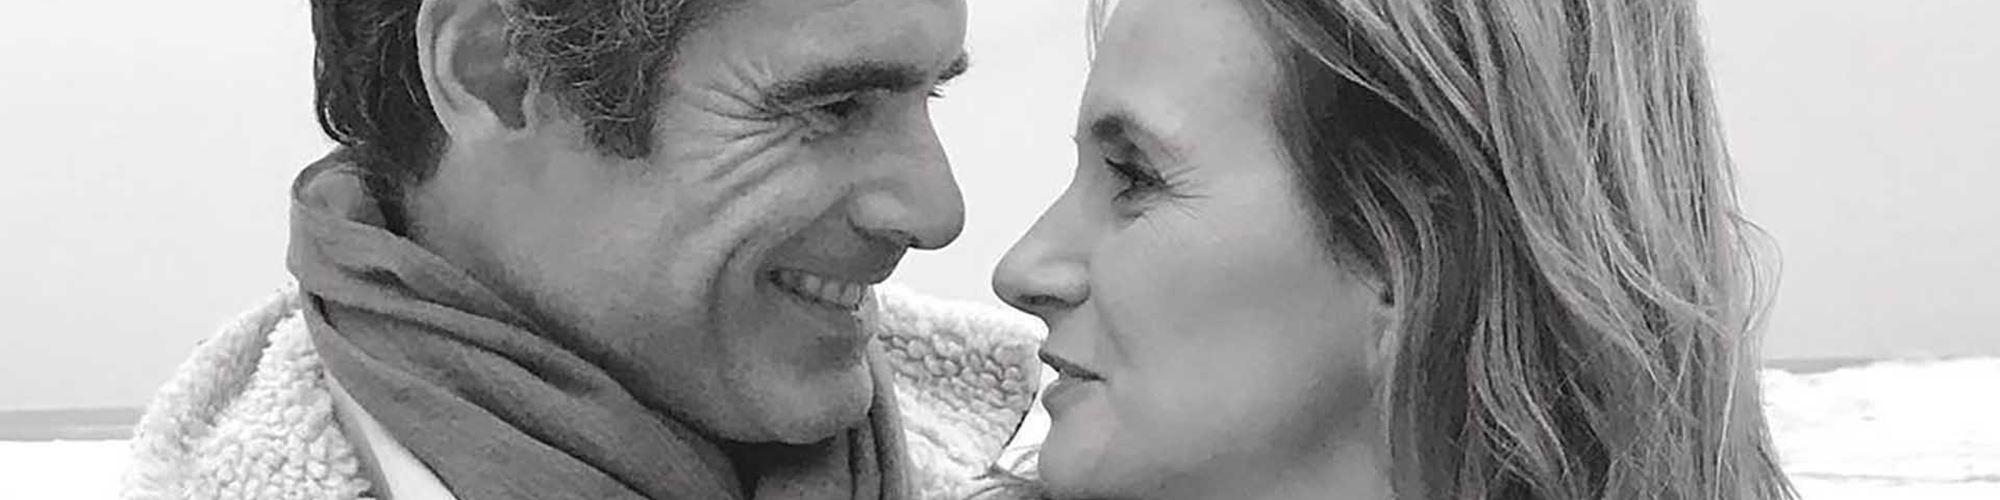 """Em Santiago de Compostela, Anna Westerlund recorda Pedro Lima: """"Vieste e foste num dia 20"""""""